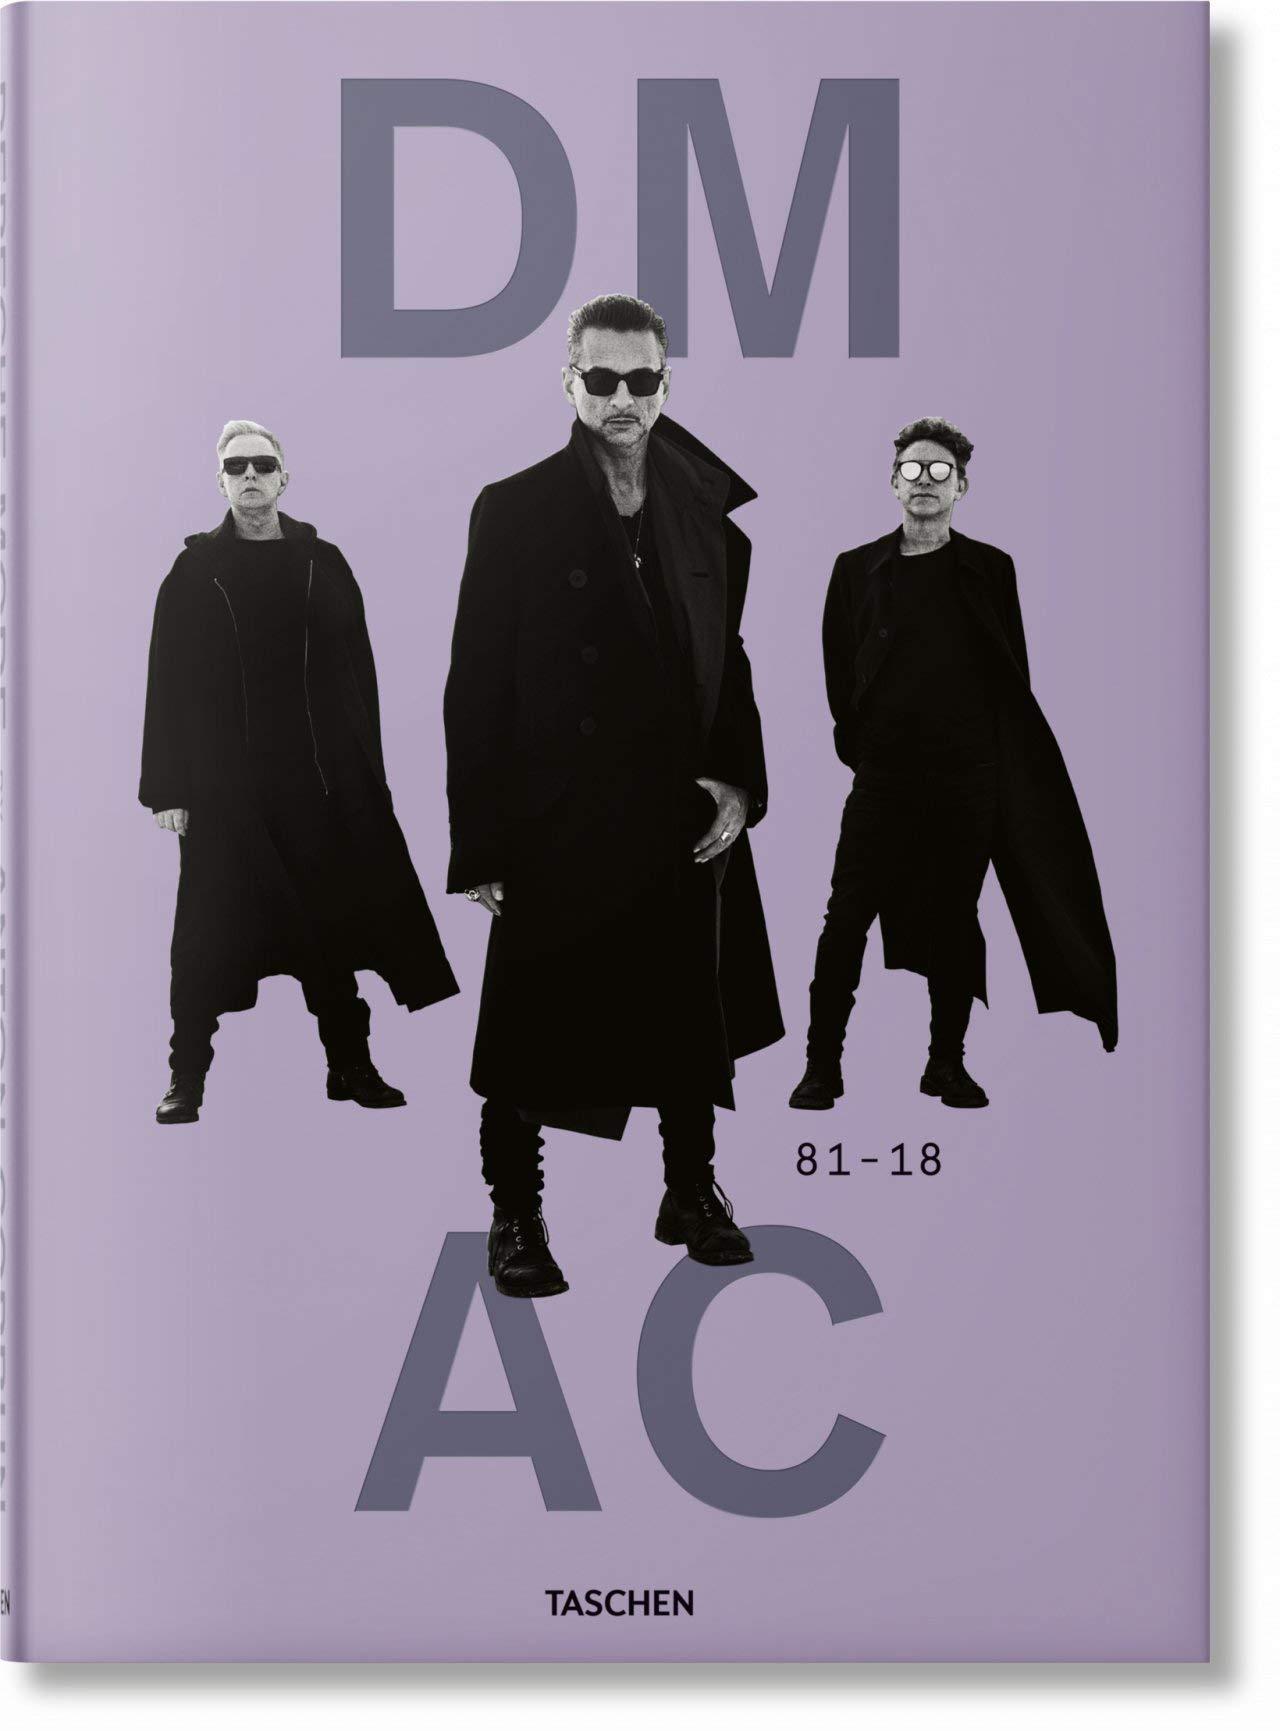 Depeche Mode by Anton Corbijn - Anton Corbijn, Reuel Golden - Bøger - Taschen GmbH - 9783836586702 - May 26, 2021